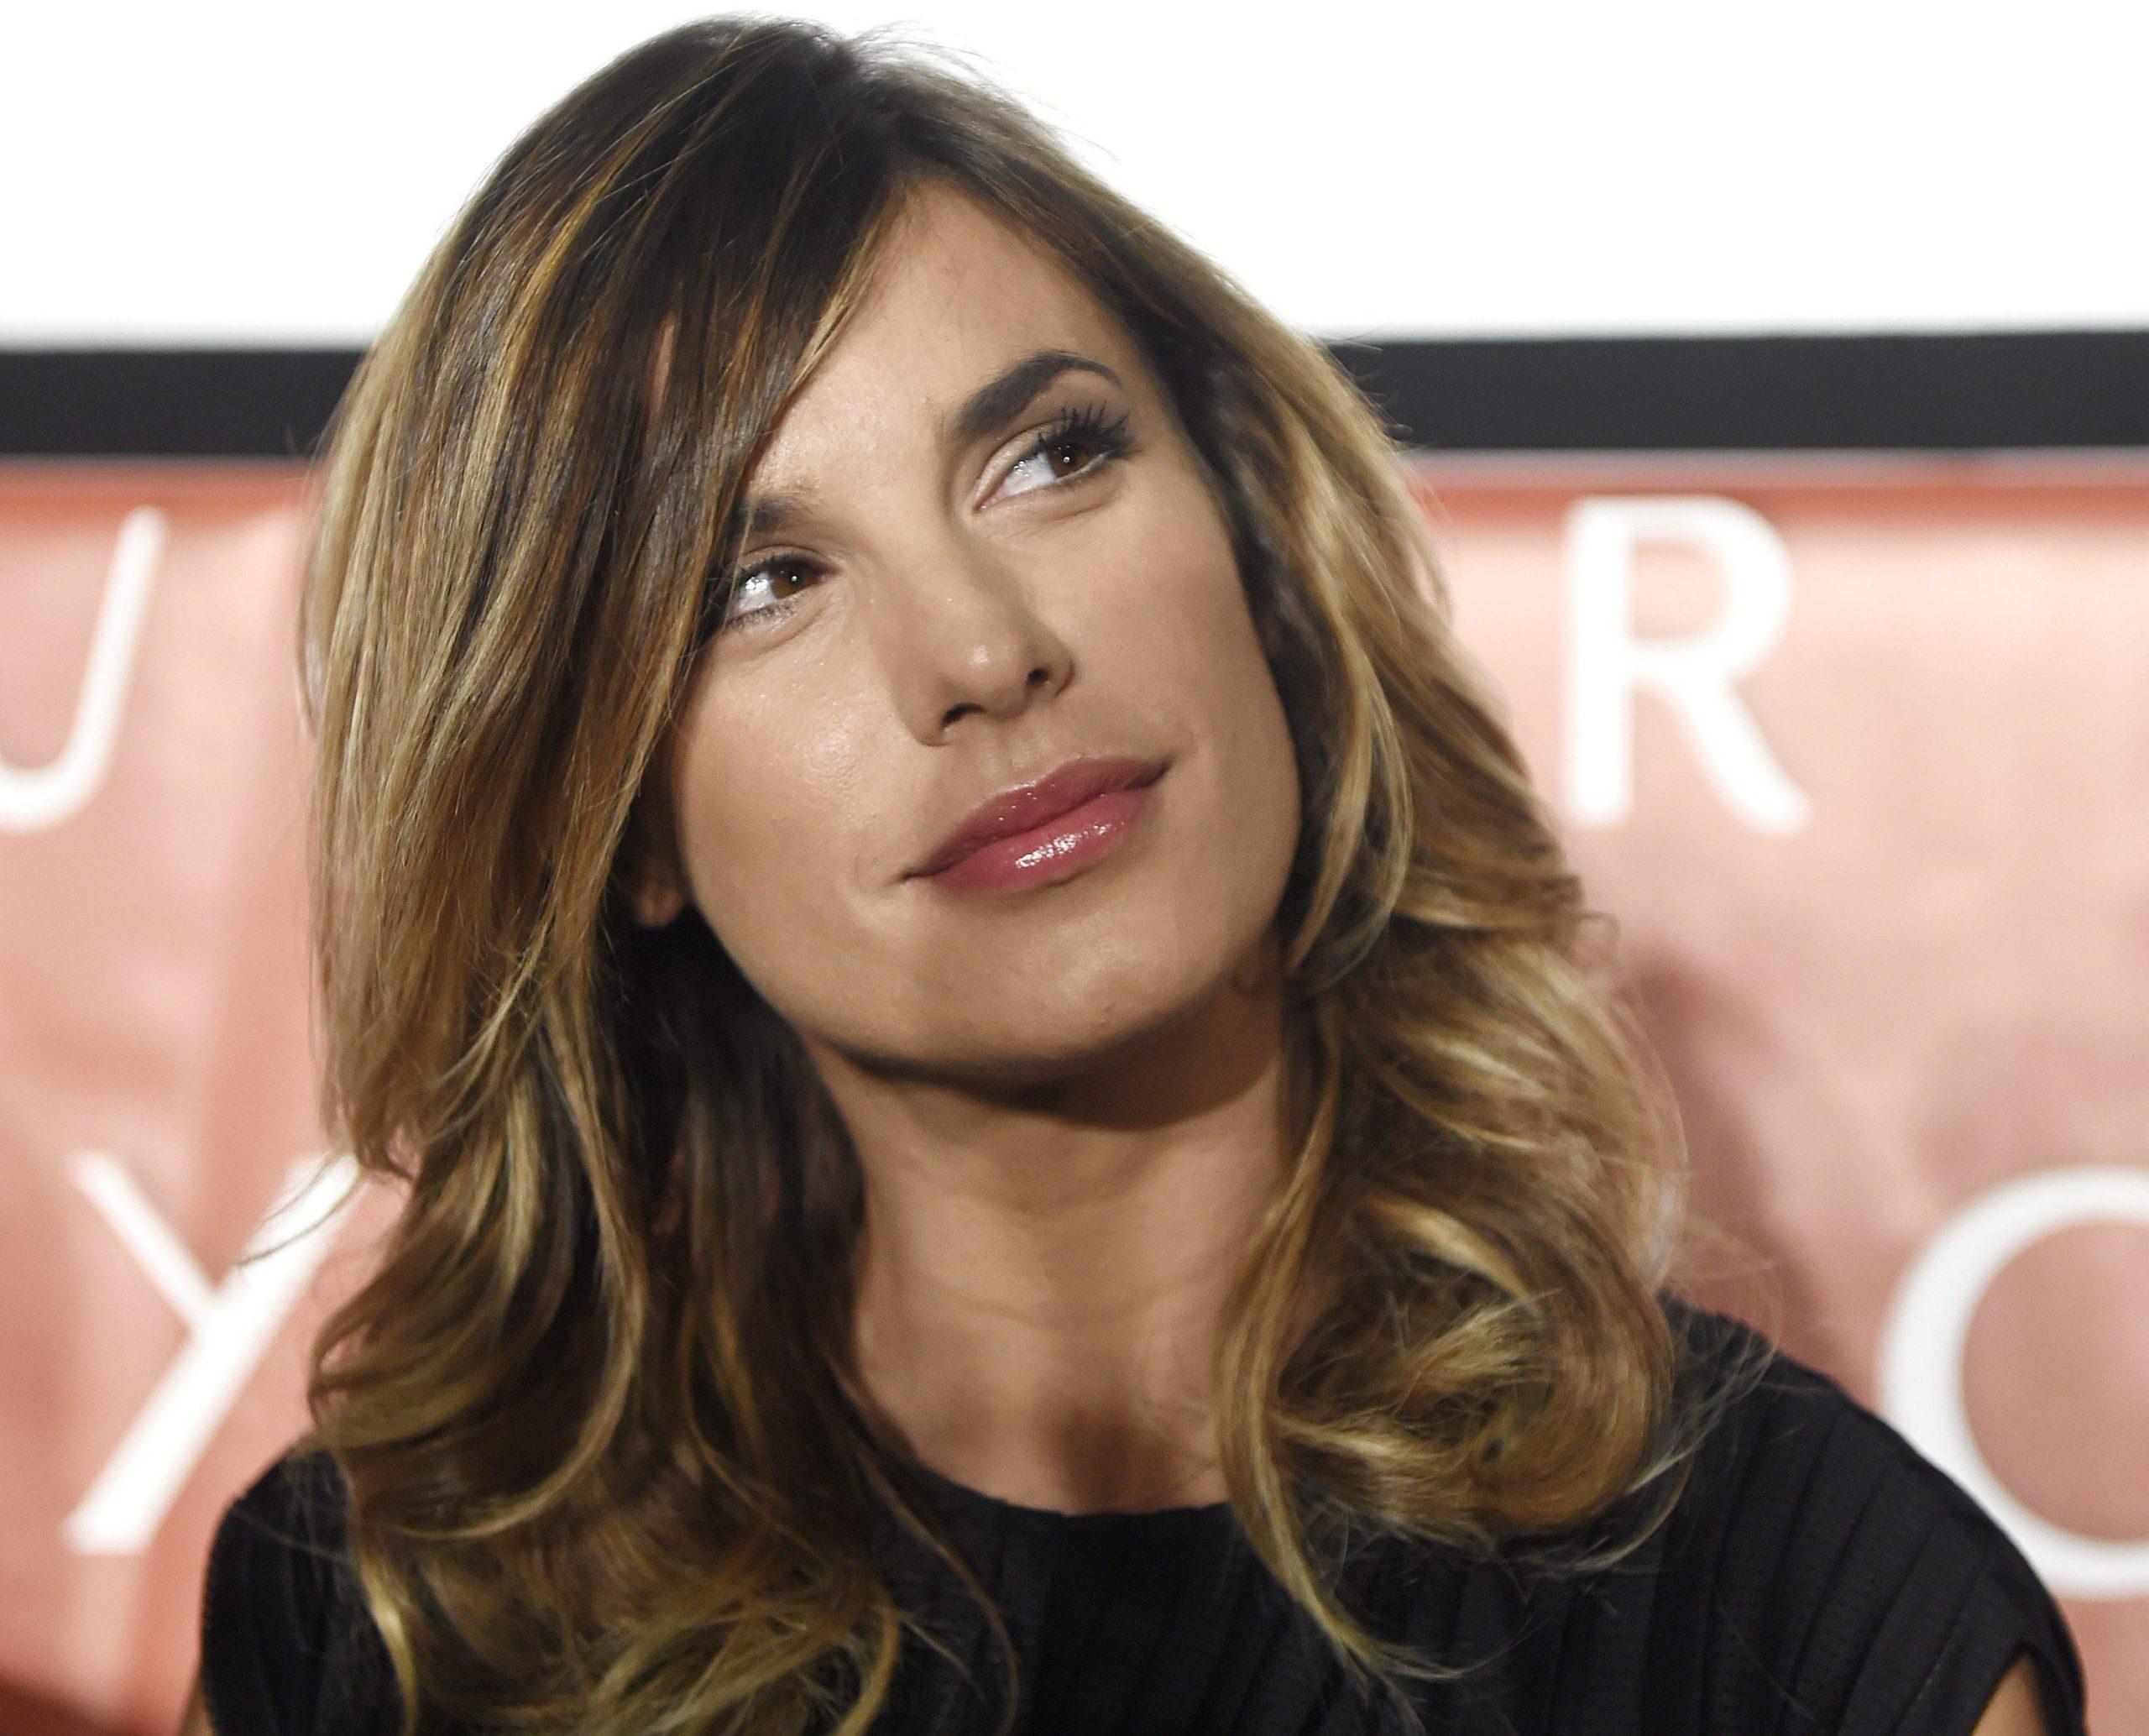 Elisabetta Canalis in quarantena con la camicia sbottonata: la foto